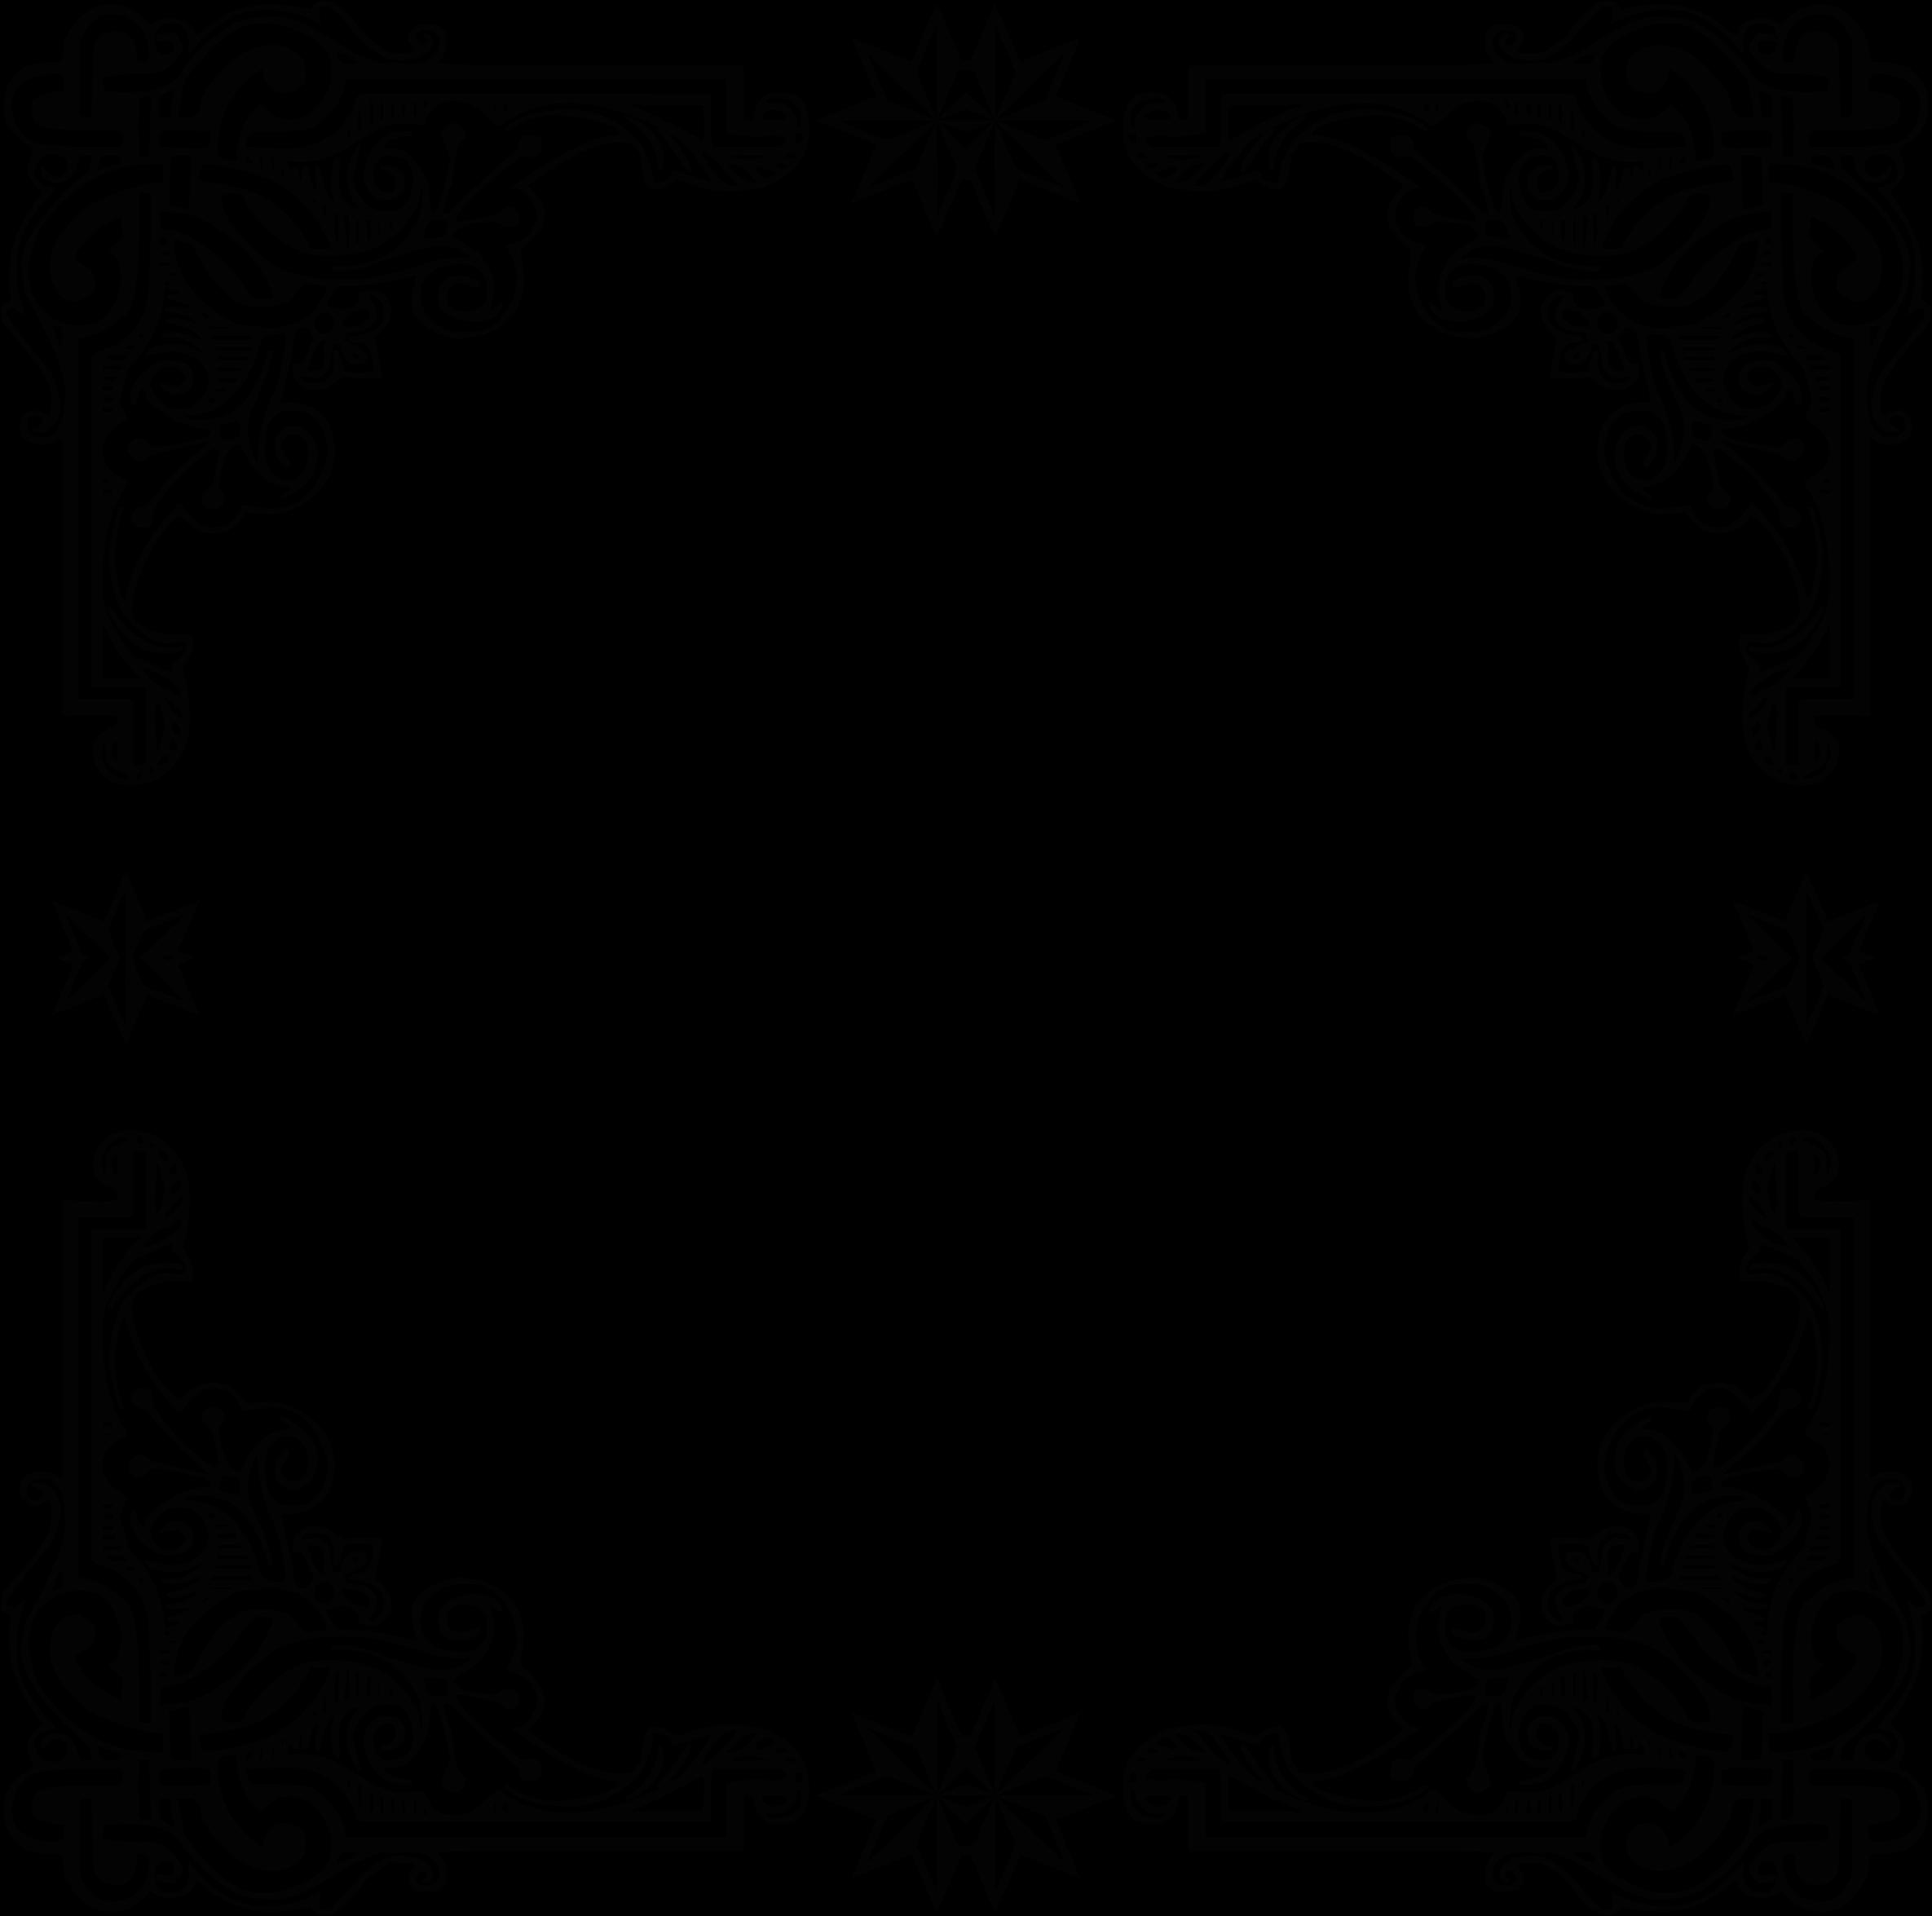 Clipart symmetric big image. Vintage black frame png